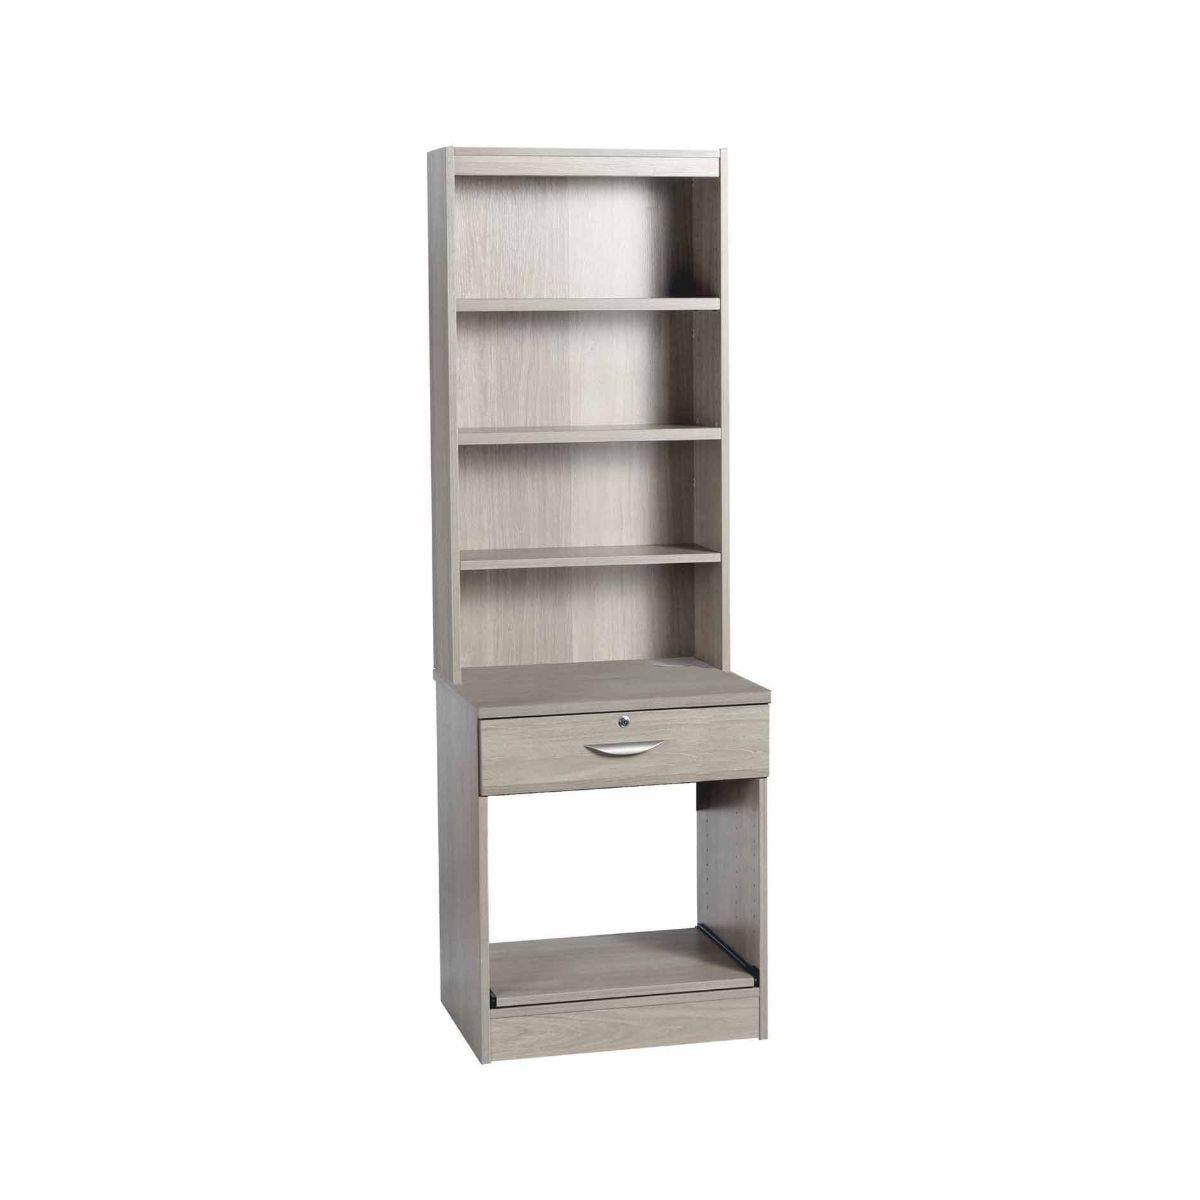 R White Printer Desk Unit with Overshelving Grey Nebraska